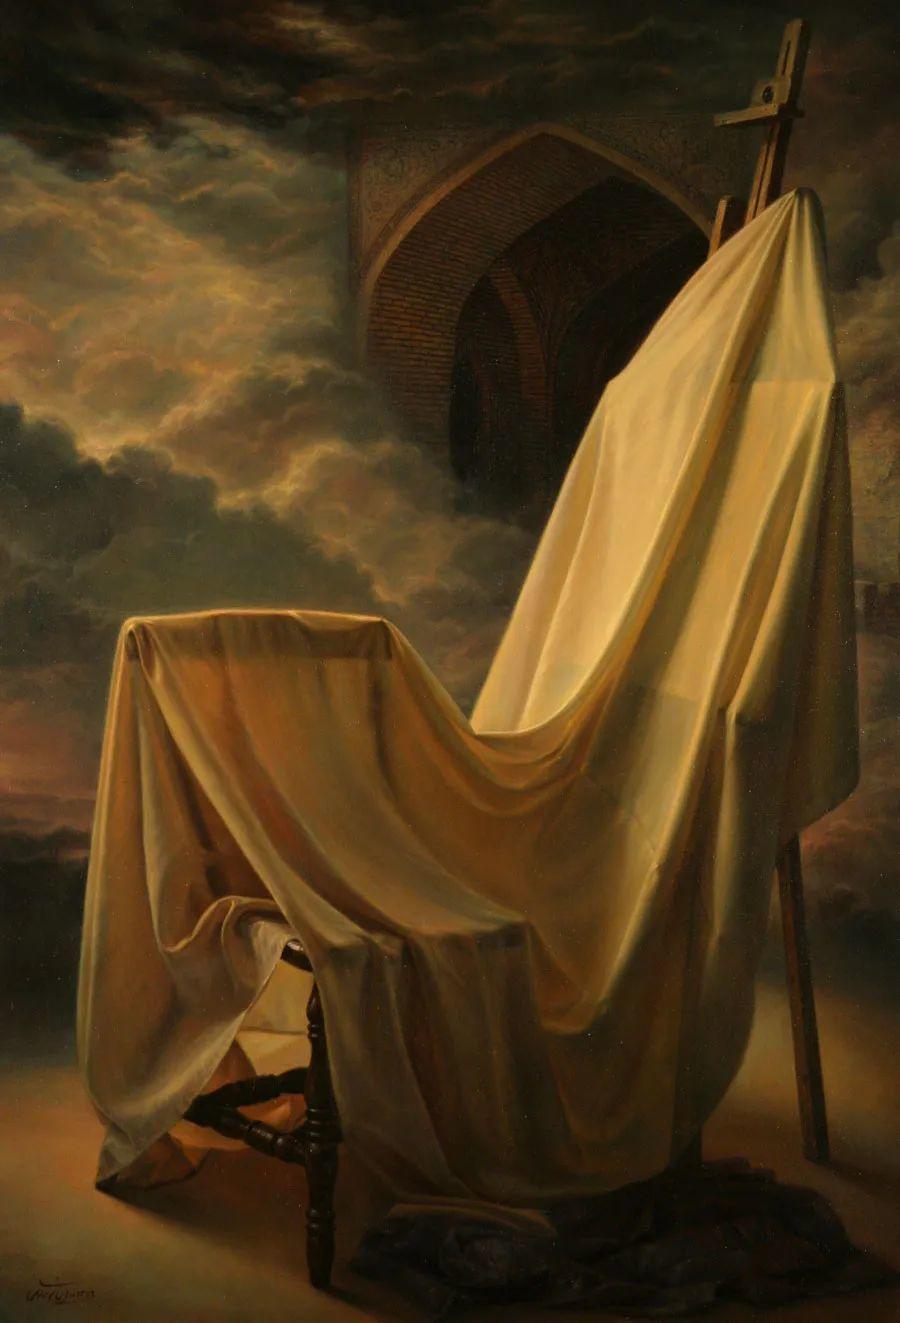 隐藏于内的情感释放,伊朗画家Iman Maleki插图29